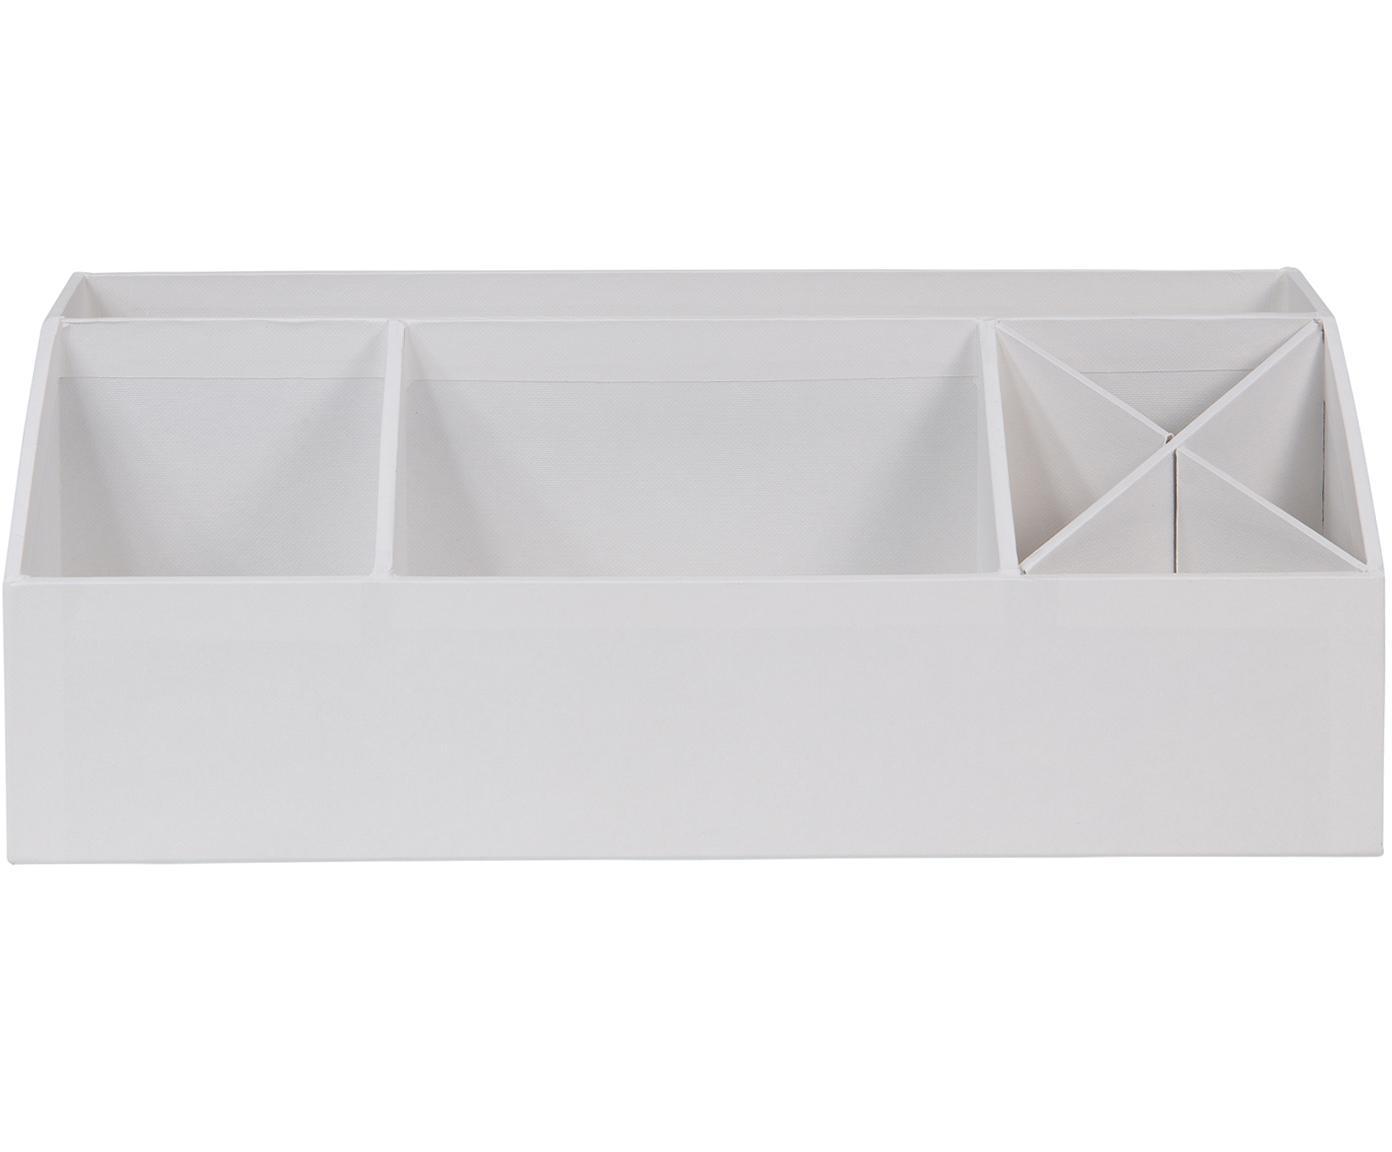 Organizador de escritorio Elisa, Cartón laminado, Blanco, An 33 x Al 13 cm